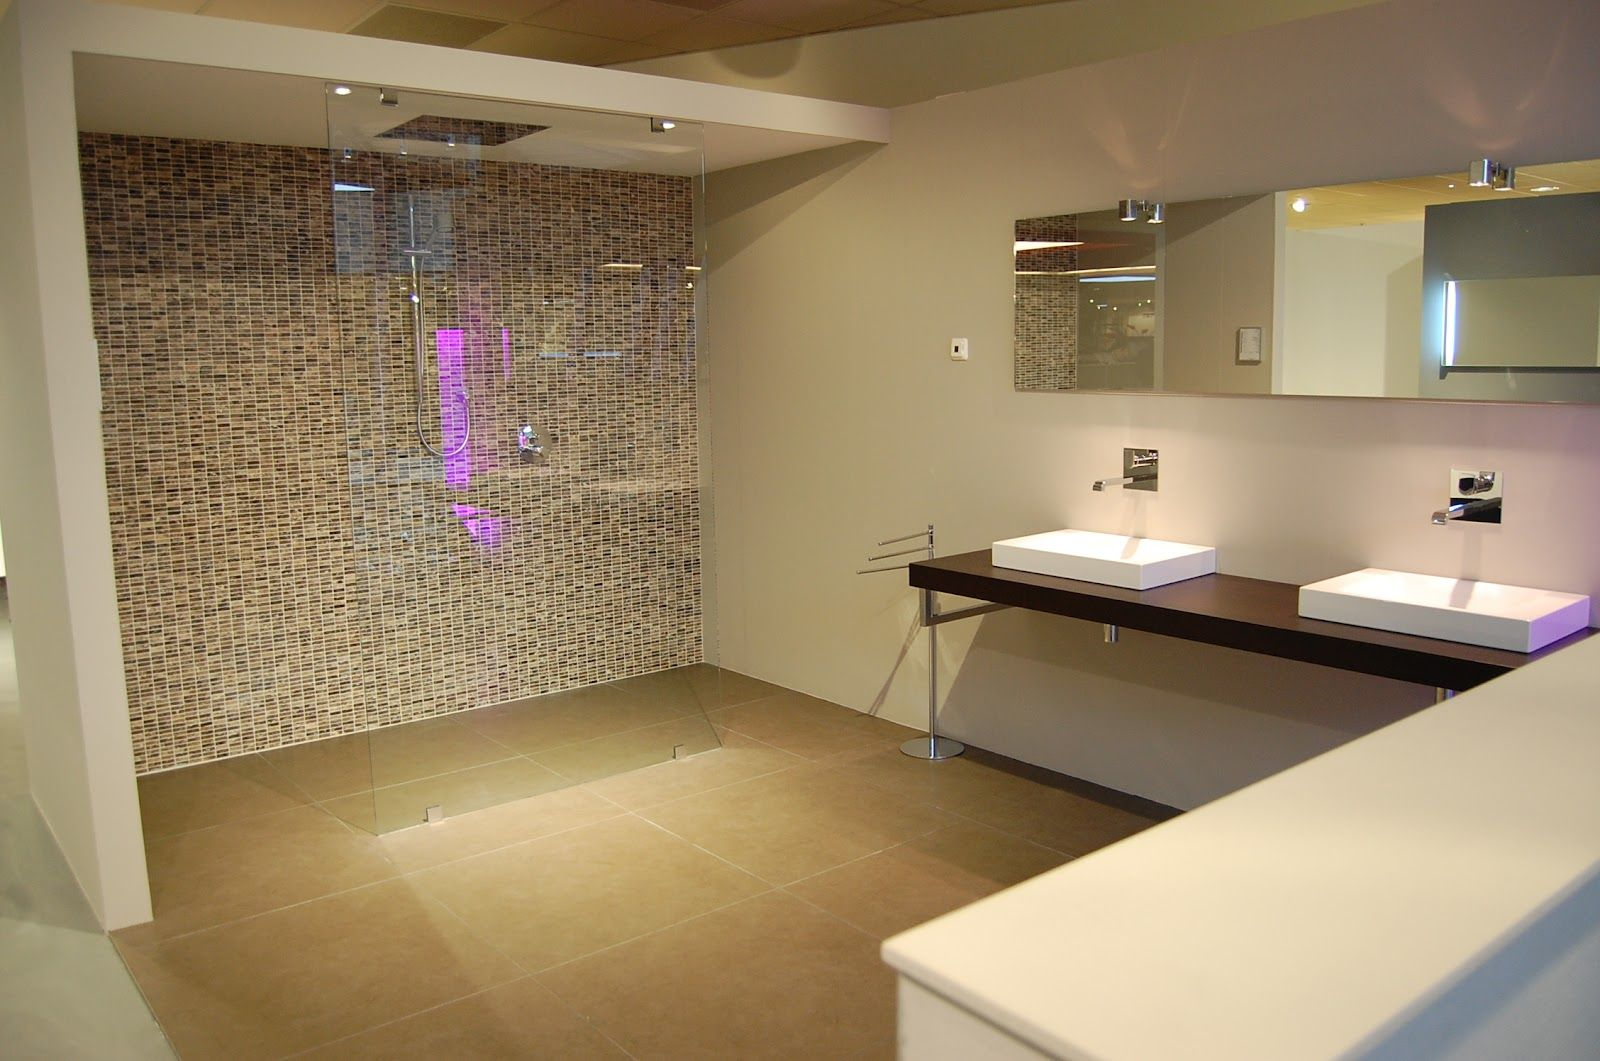 Badkamer inloopdouche modern google zoeken house decor